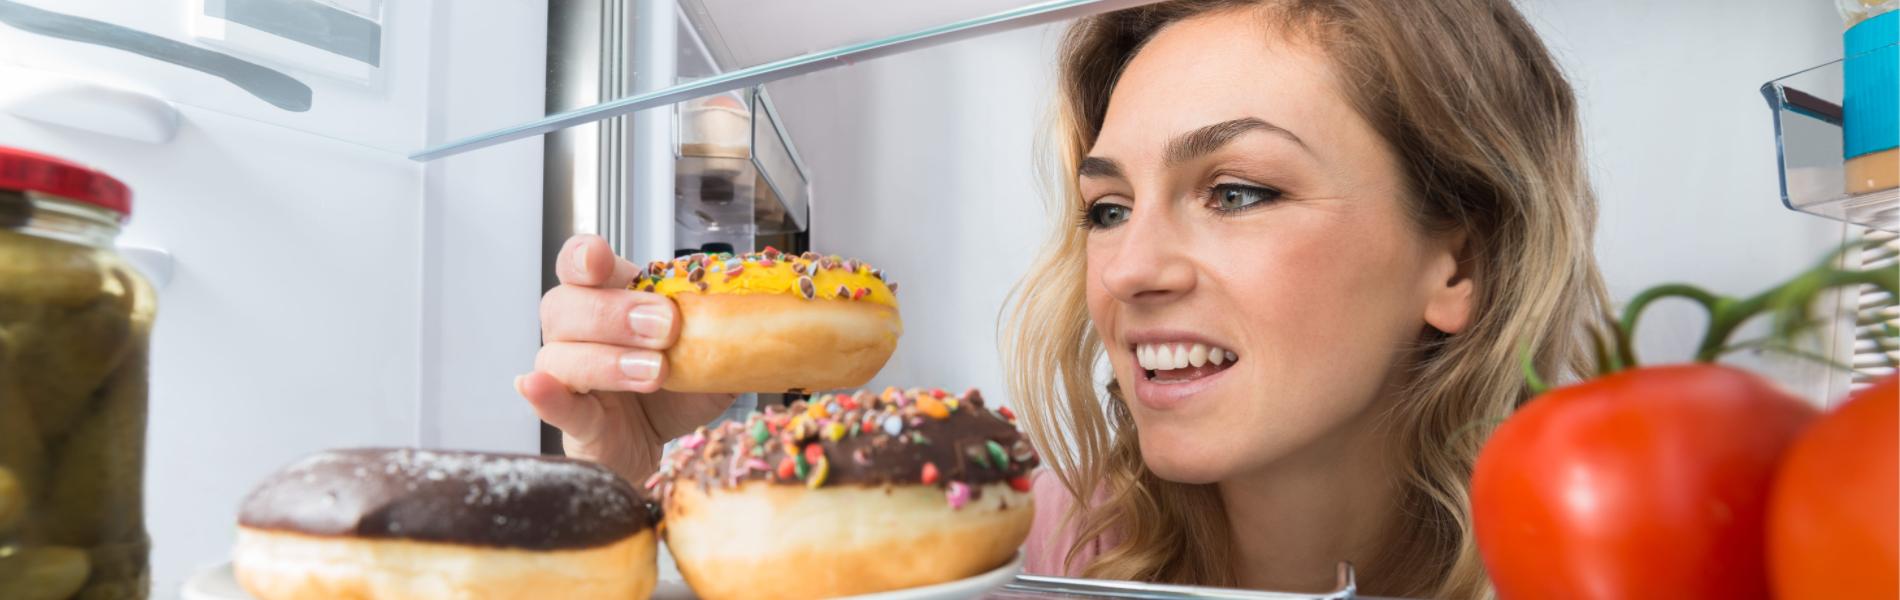 5 דברים שלא כדאי לאכול לפני השינה ו-3 שדווקא כן